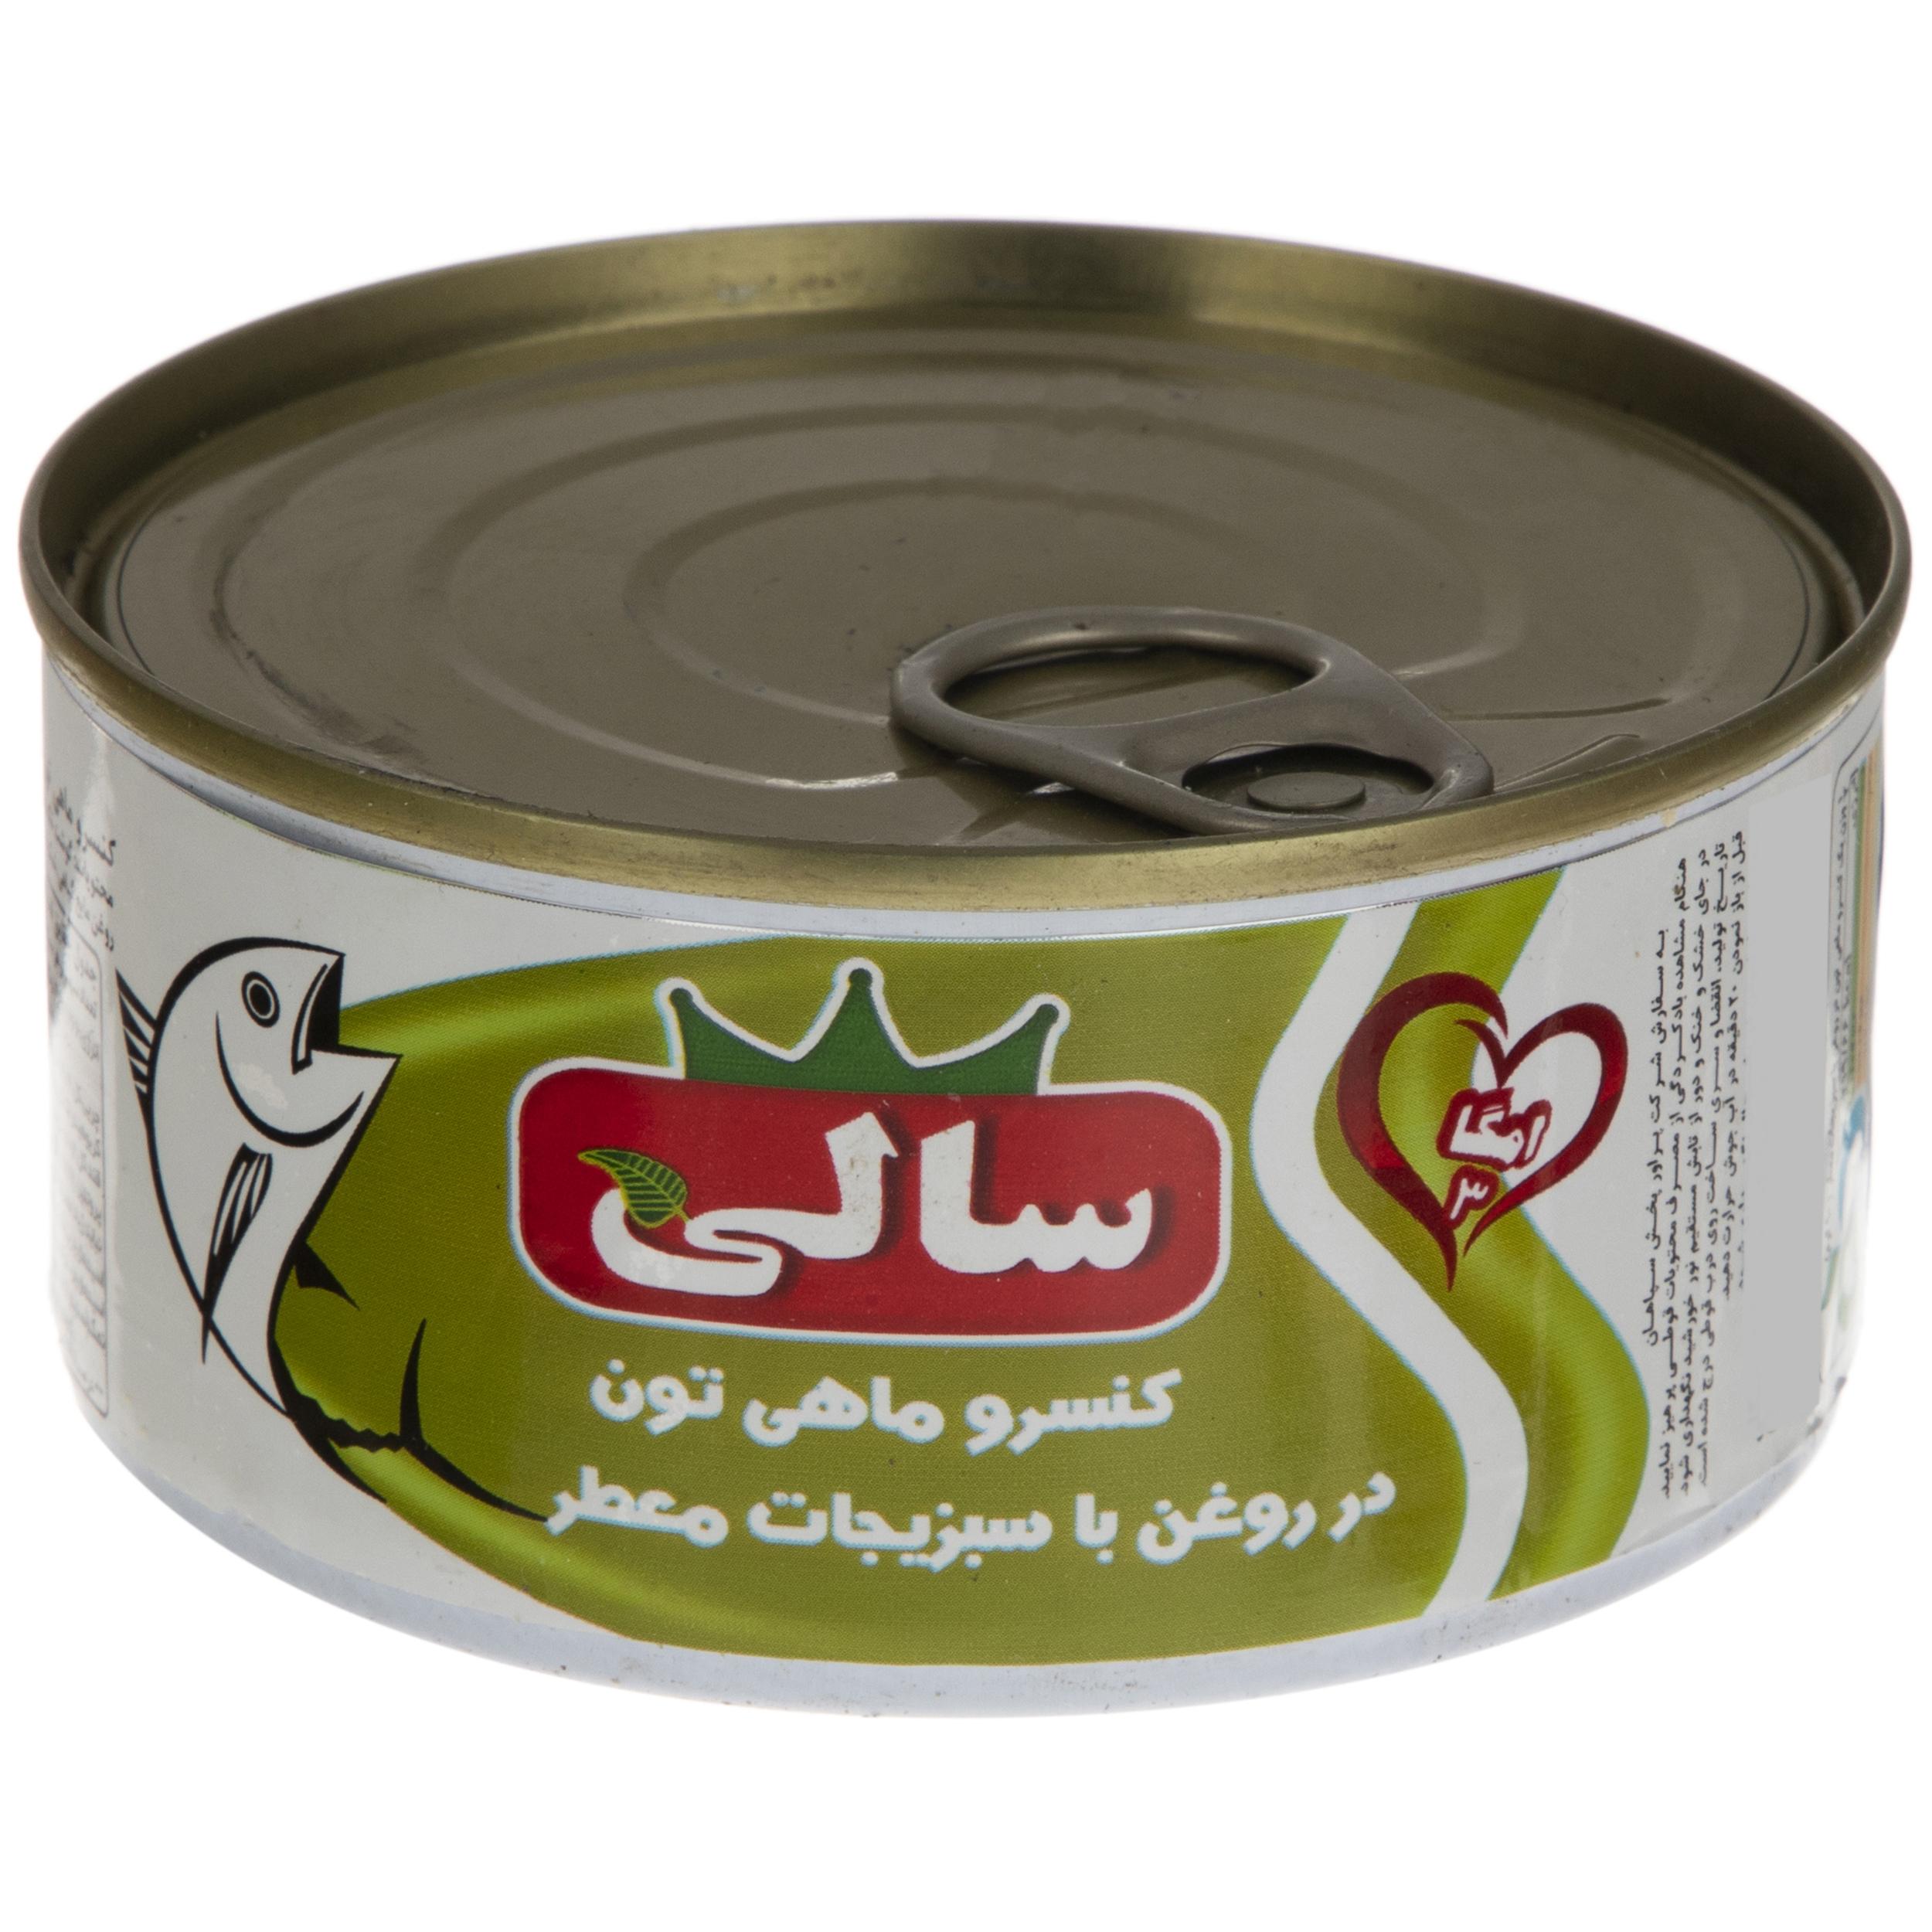 کنسرو ماهی تون در روغن با سبزیجات معطر سالی مقدار 180 گرم